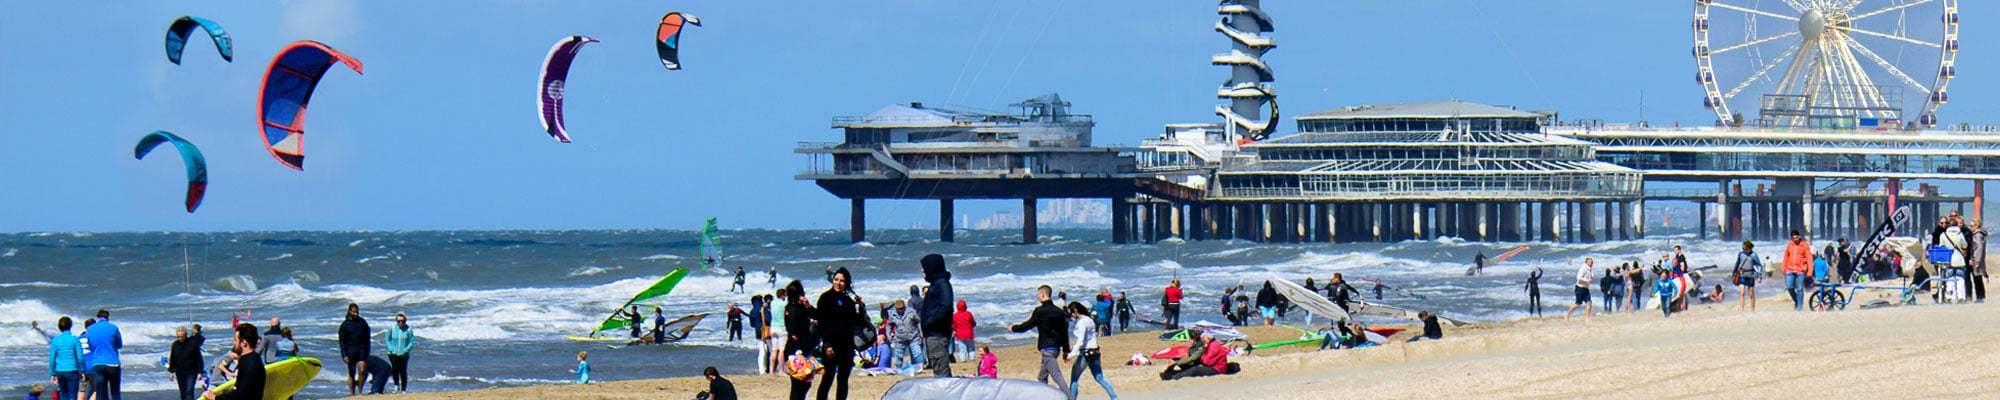 NORTH-SEA-BEACH-RUGBY-BEACH- -RUGBY-SCHEVENINGEN-